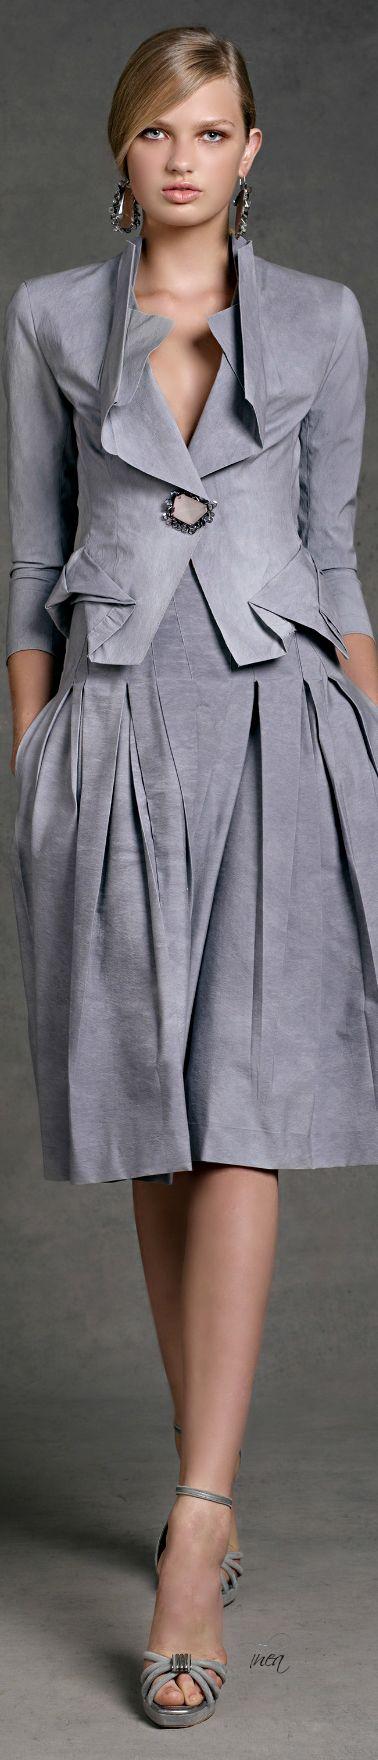 Donna Karan. Fashion details of clothes. Детали одежды от кутюр. Detaily oblečení od modních návrhářů.